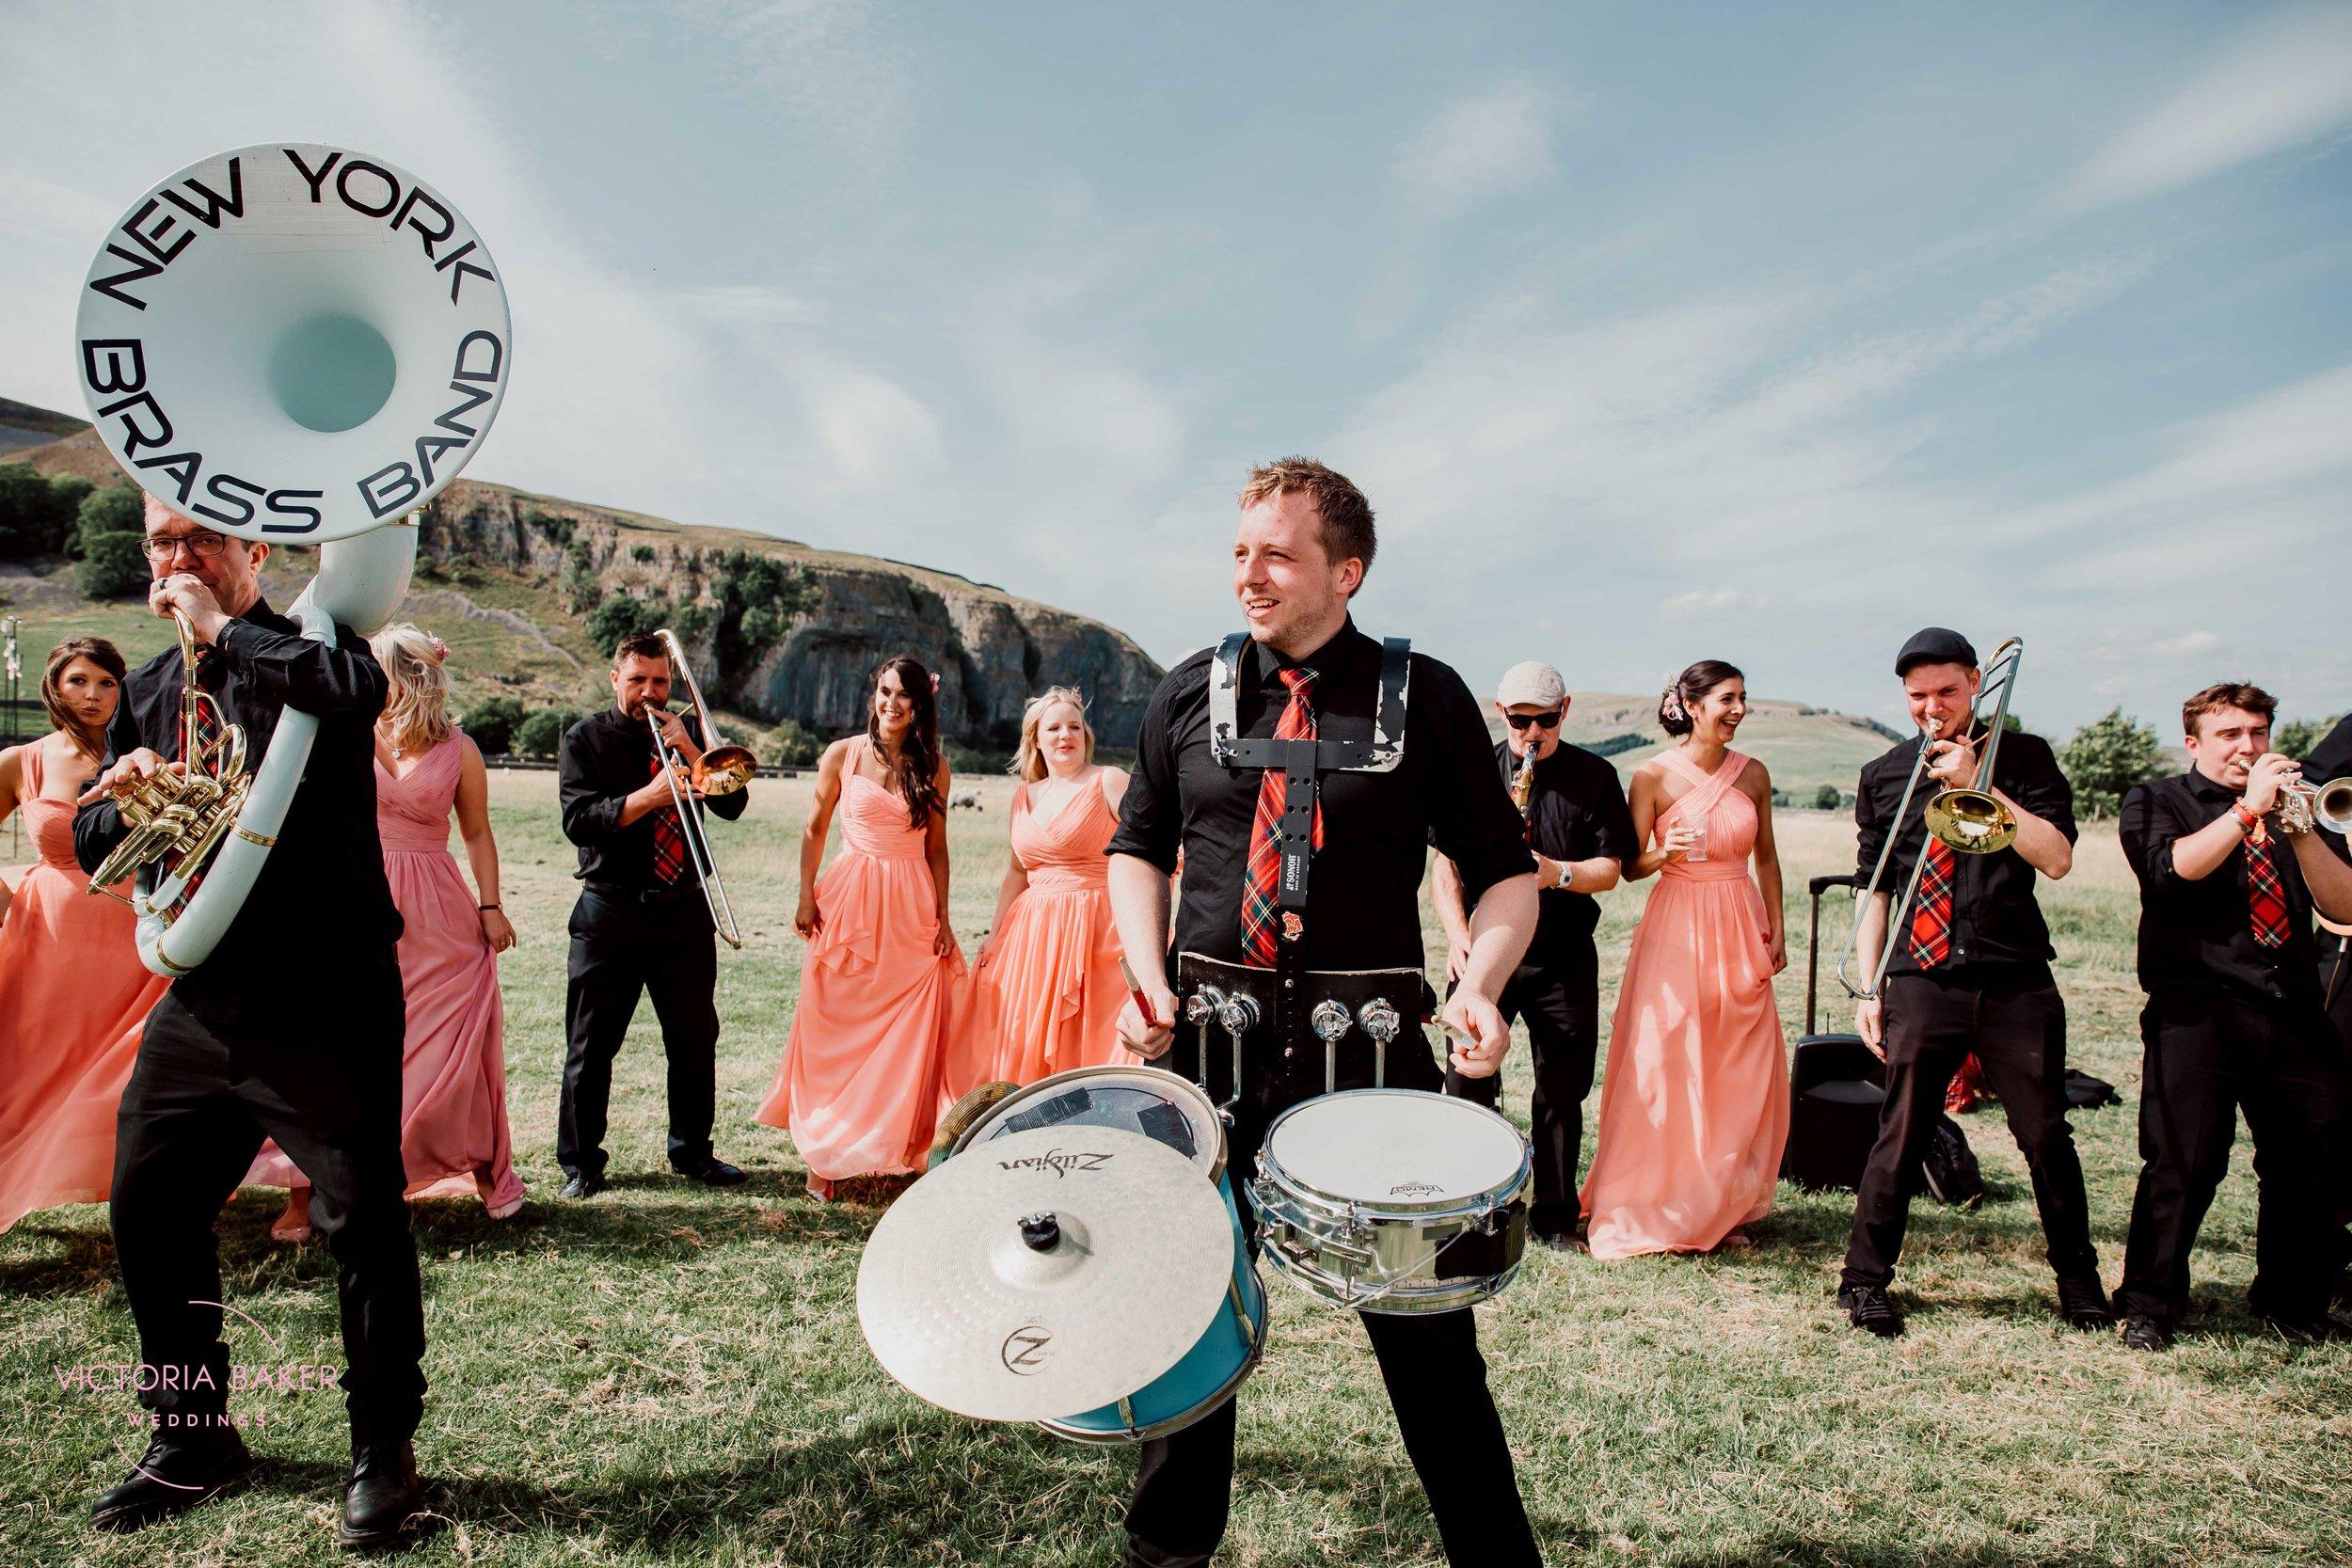 Drummer at Kilnsey Park Estate